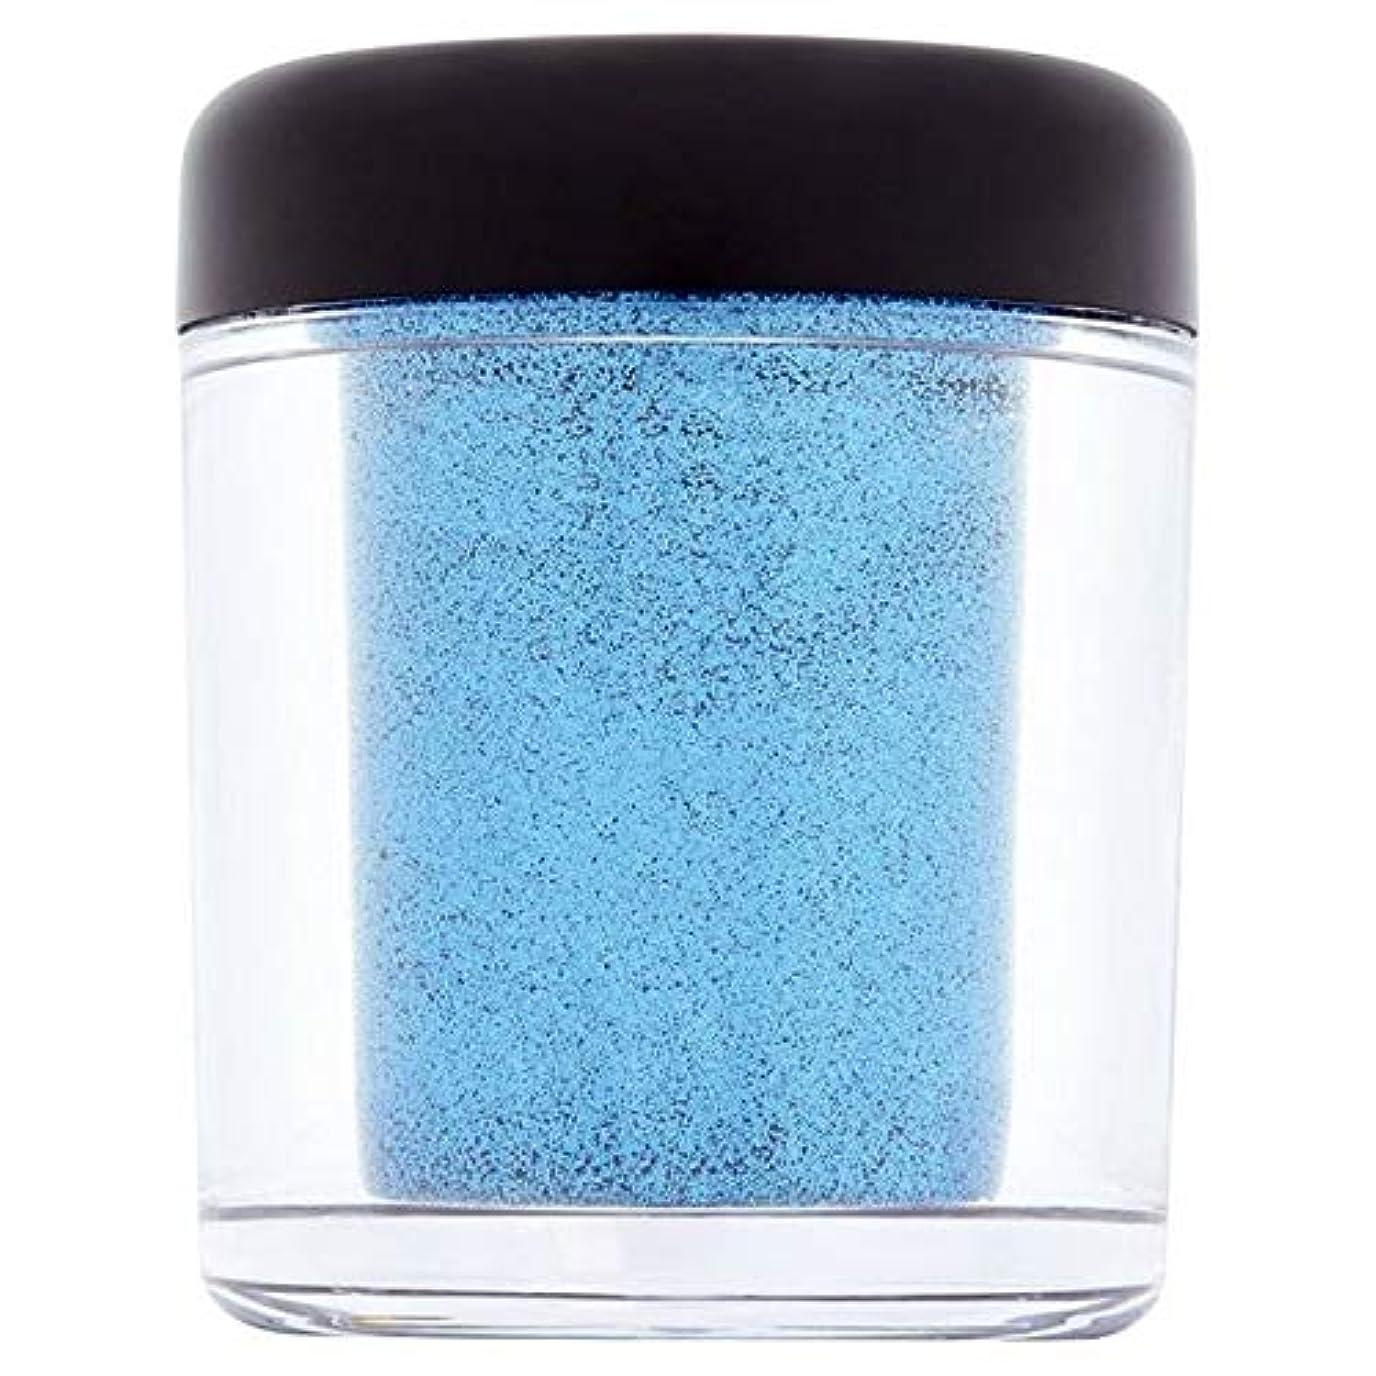 スケジュール午後アロング[Collection ] 収集グラムの結晶フェイス&ボディグリッタースプラッシュ6 - Collection Glam Crystals Face & Body Glitter Splash 6 [並行輸入品]